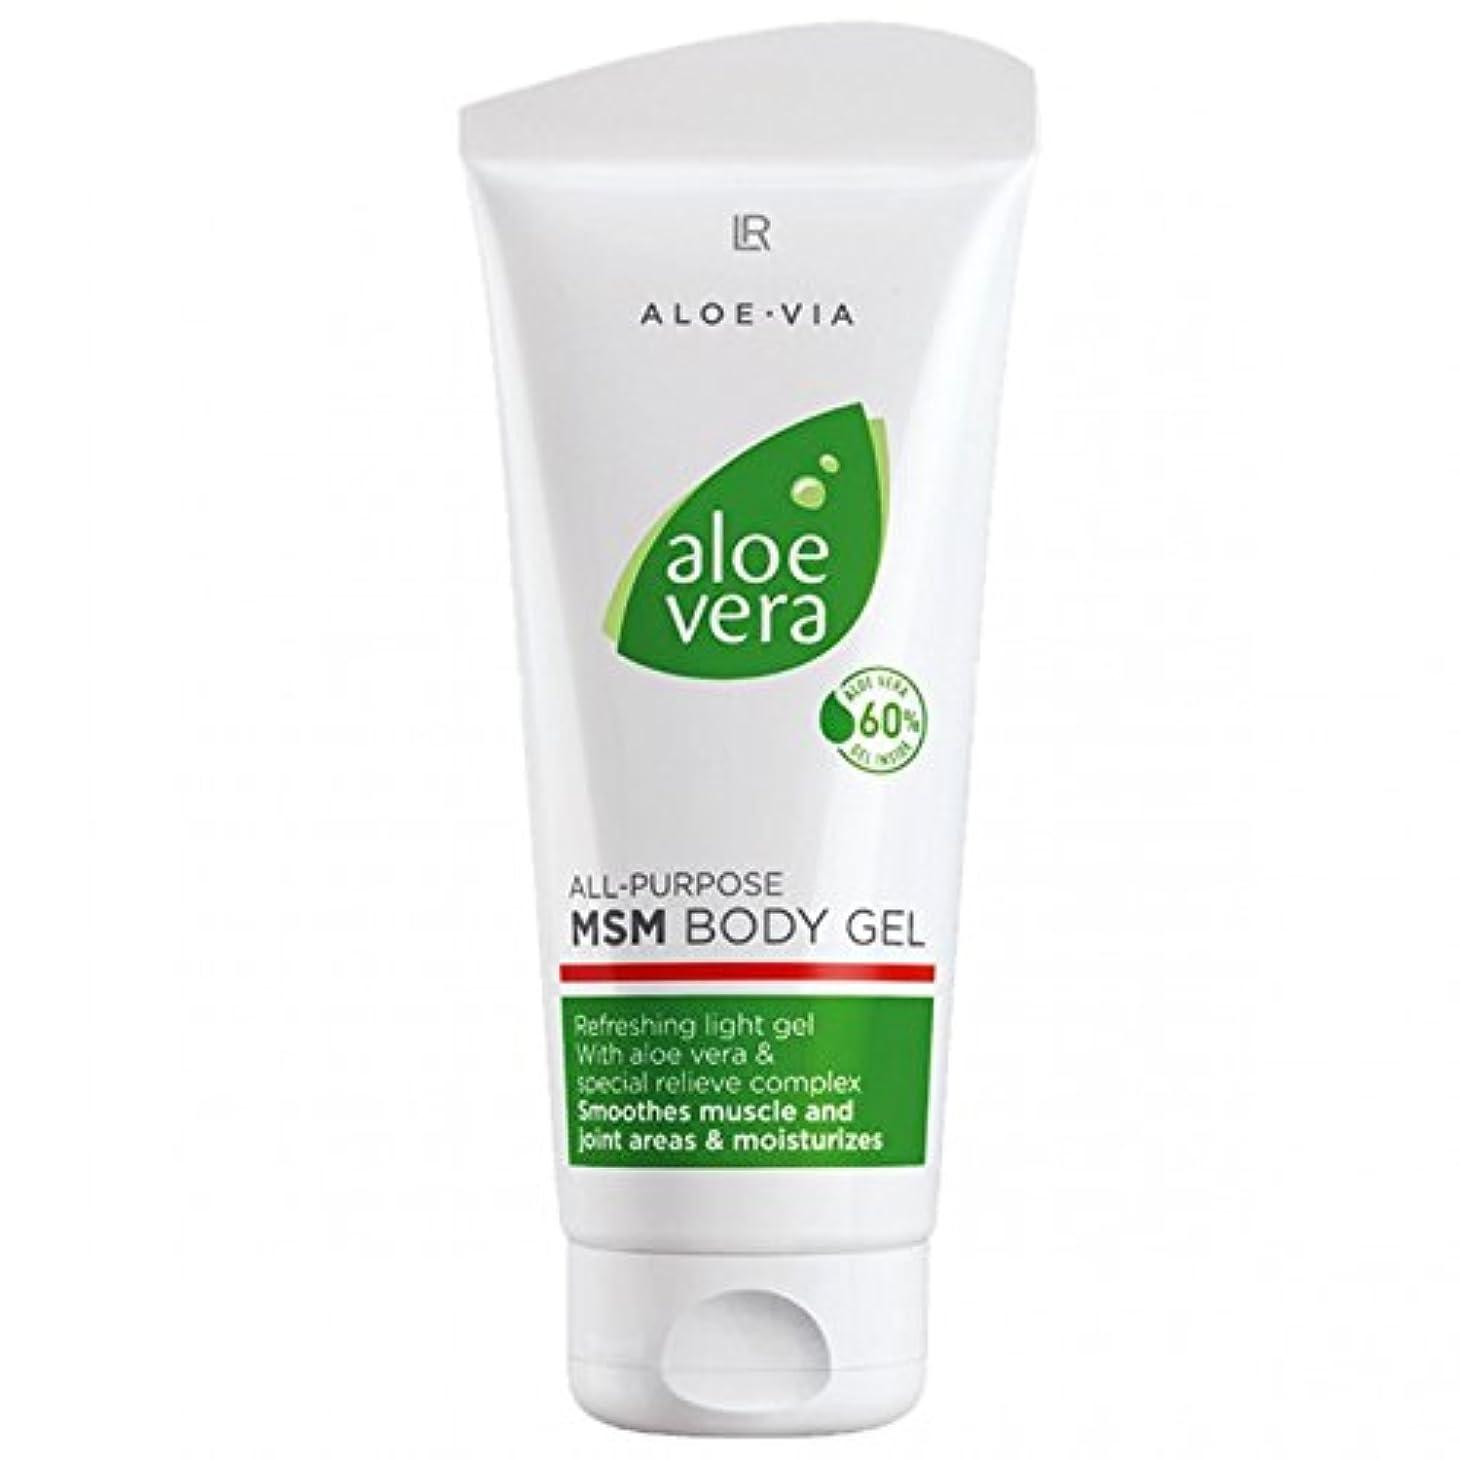 音声リハーサルスキーL R アロエベラMSMボディジェル美容や化粧品、滑らかな、迅速な吸収ゲル%60アロエベラ200ミリリットル